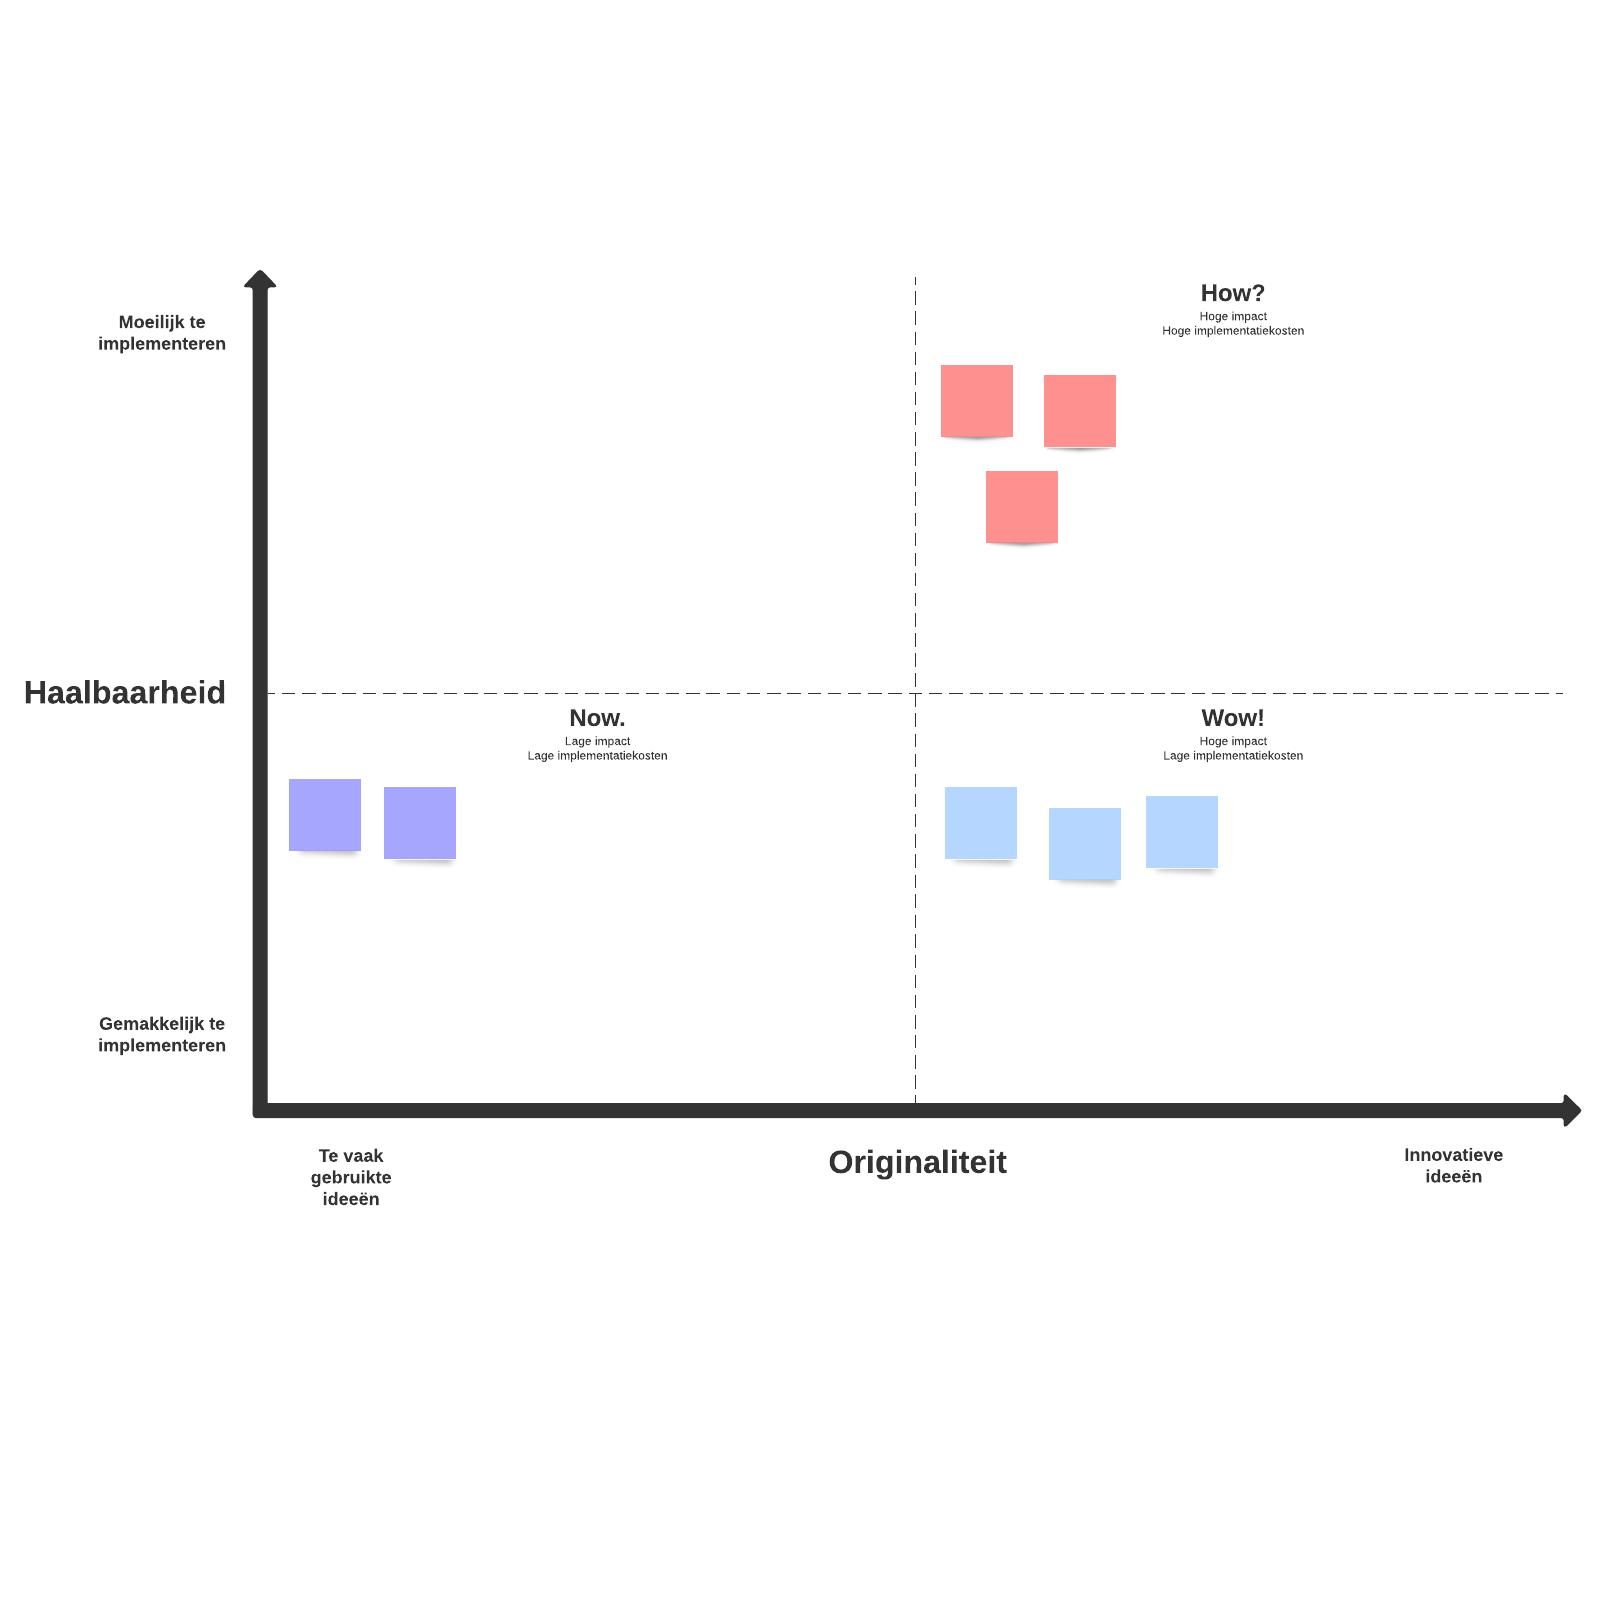 how-now-wow-matrix